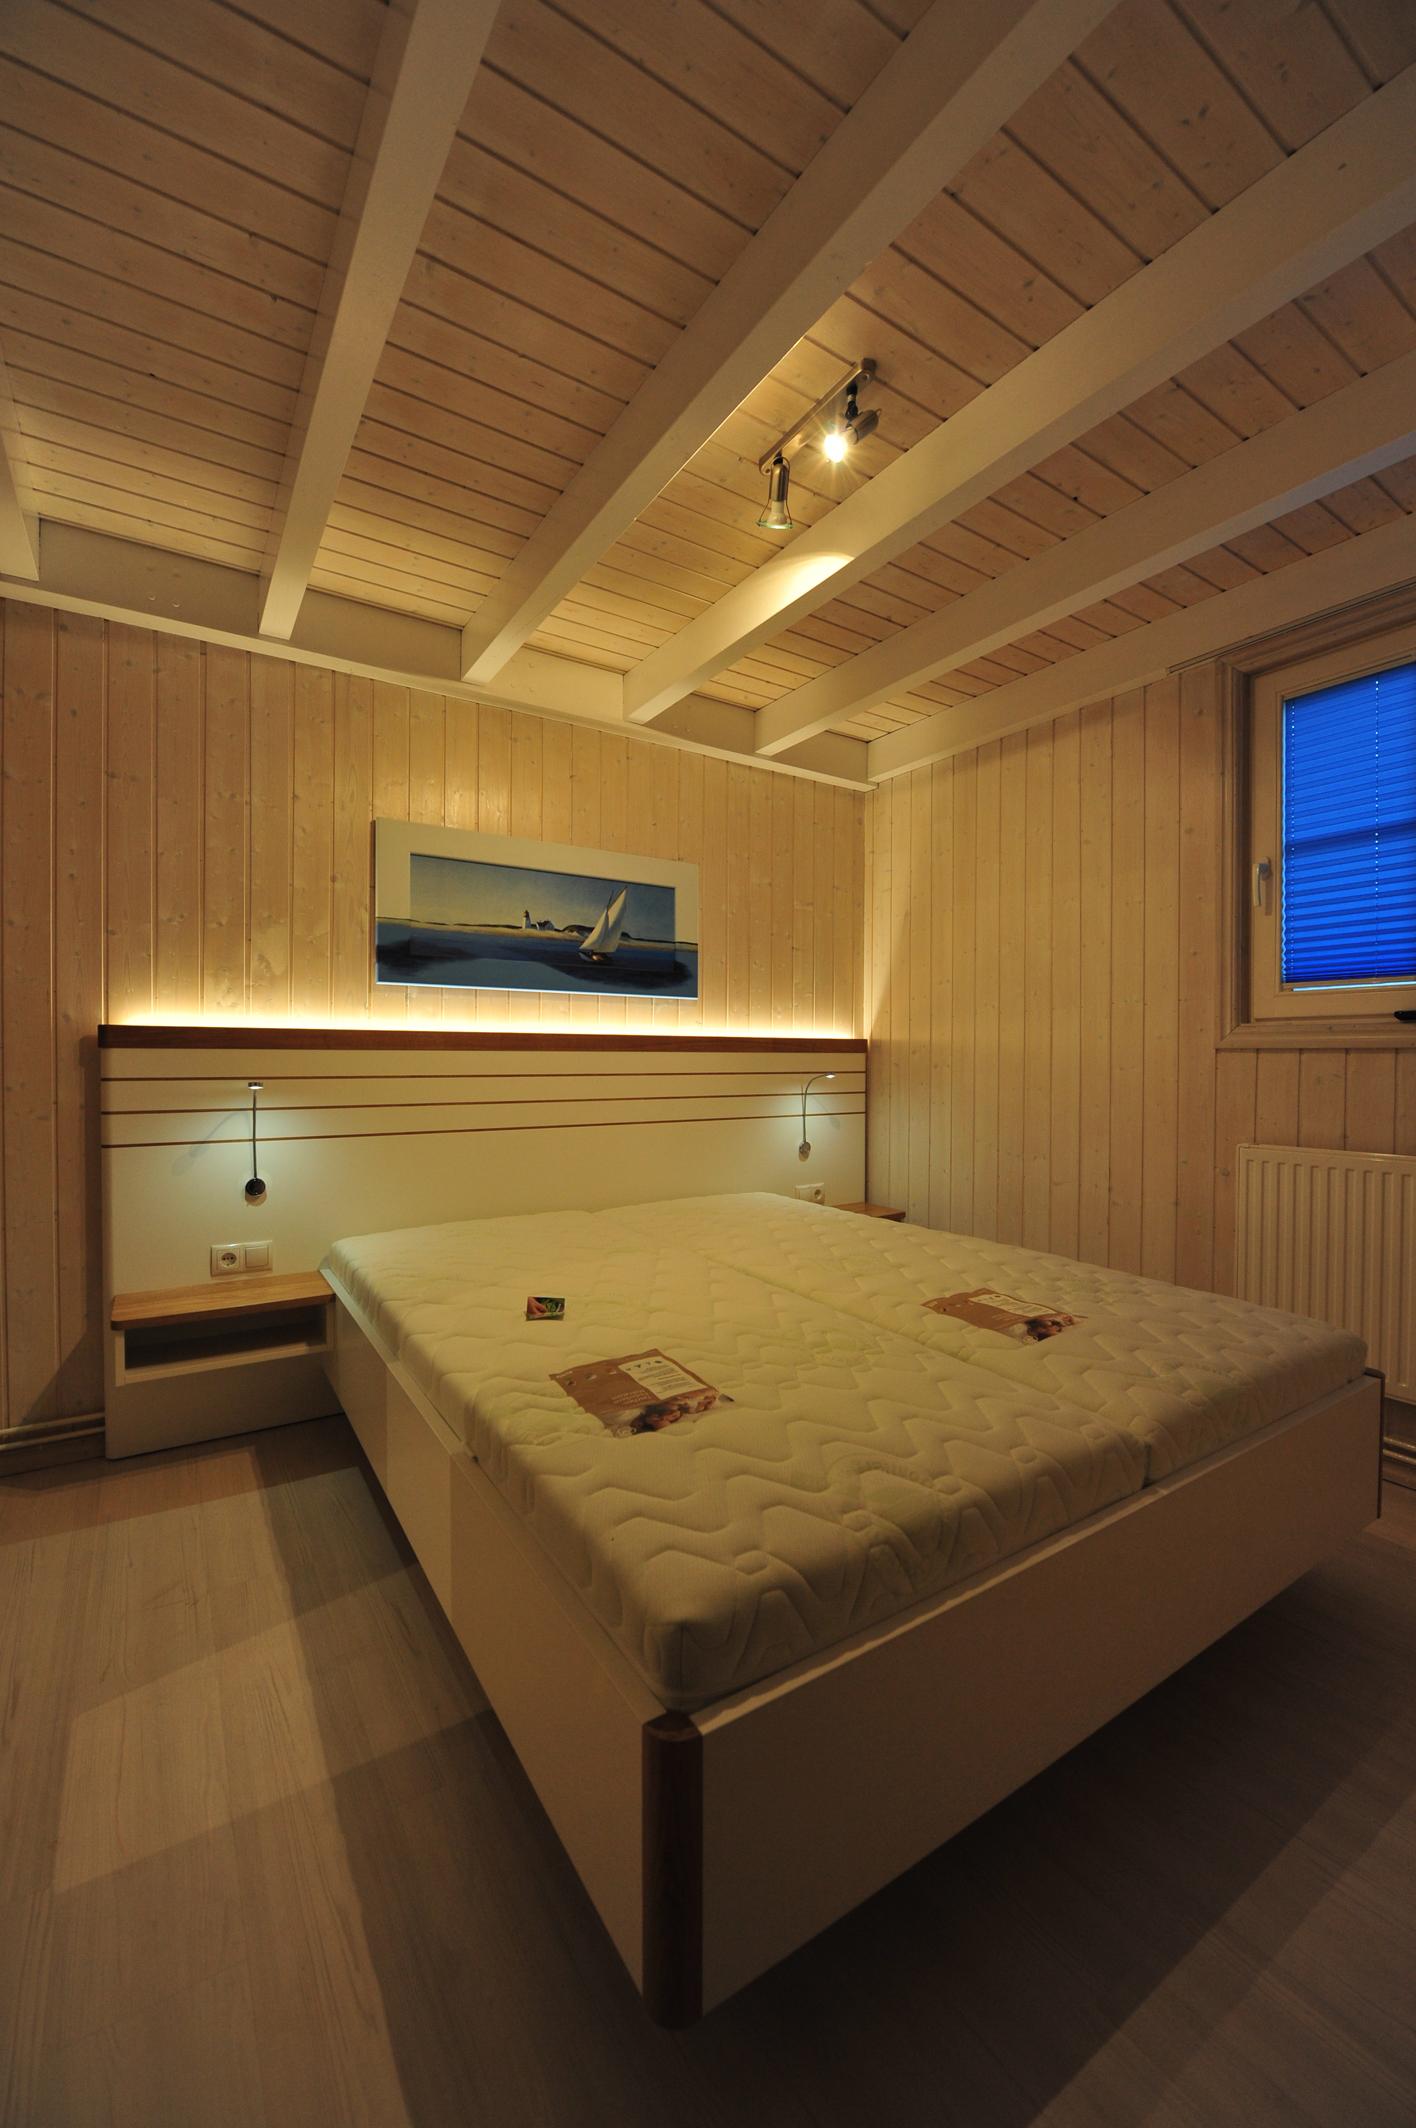 Sehr schönes Doppelbett mit indirekter Beleuchtung